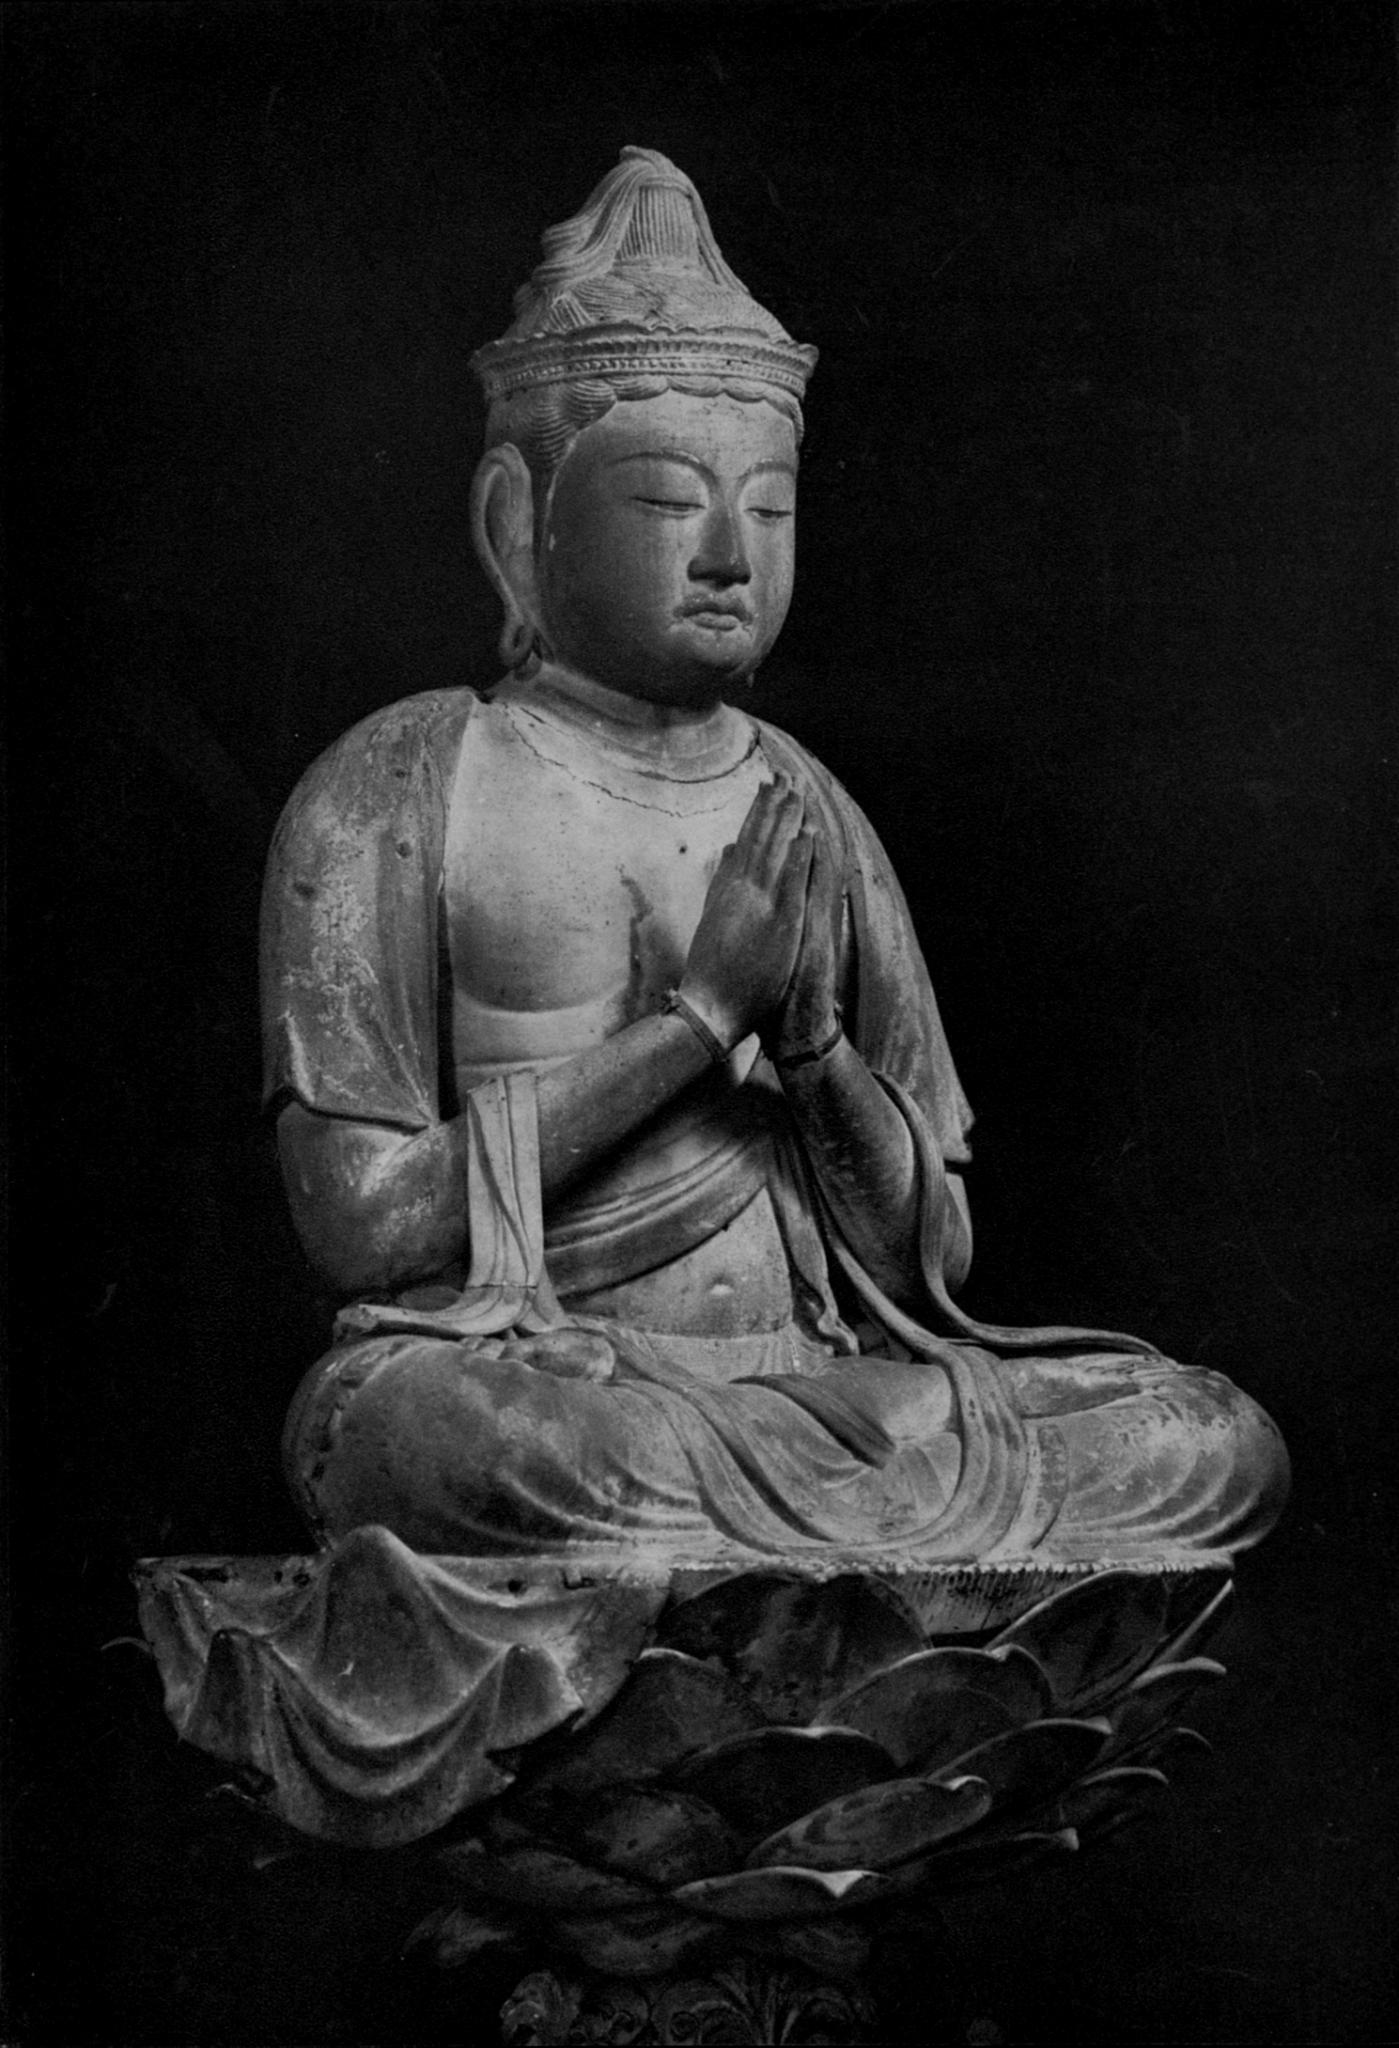 土門拳が撮影した木造普賢菩薩騎象像(国宝、大倉集古館所蔵)(美術出版社『日本の彫刻 Ⅴ「平安時代」』 1952年3月5日発行 Wikipediaより